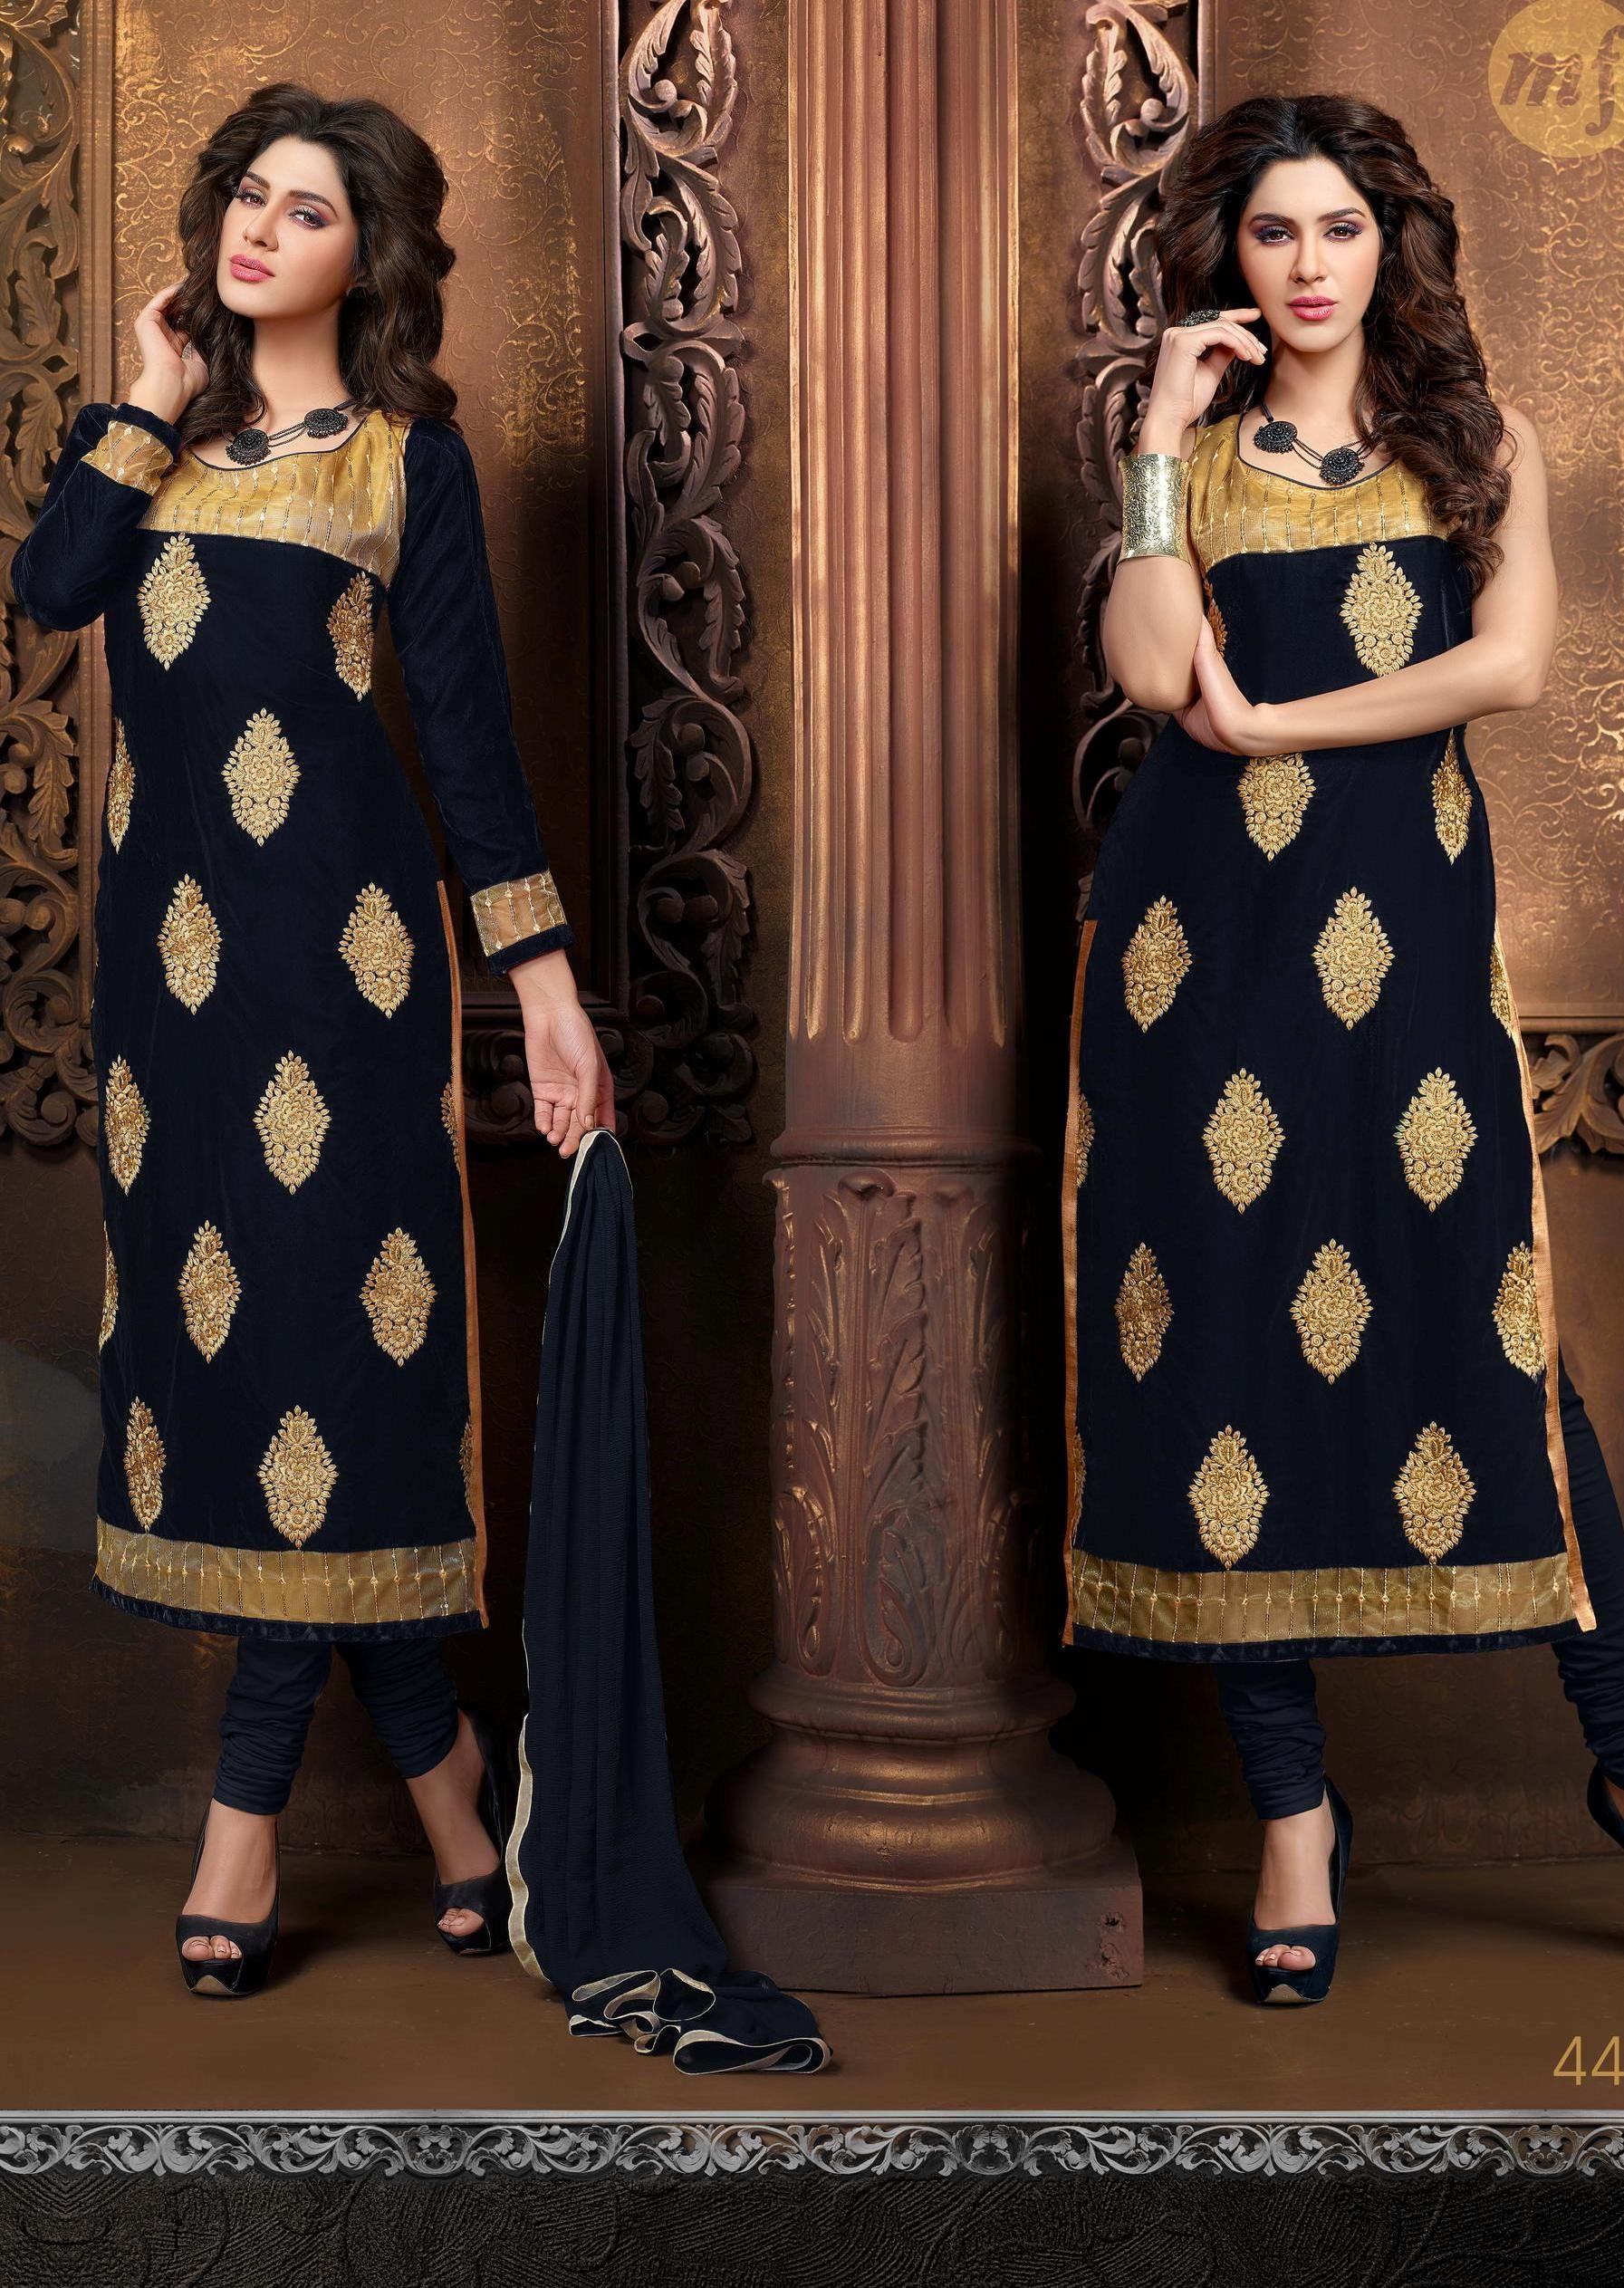 Design no hirniya mahaveer fashions member